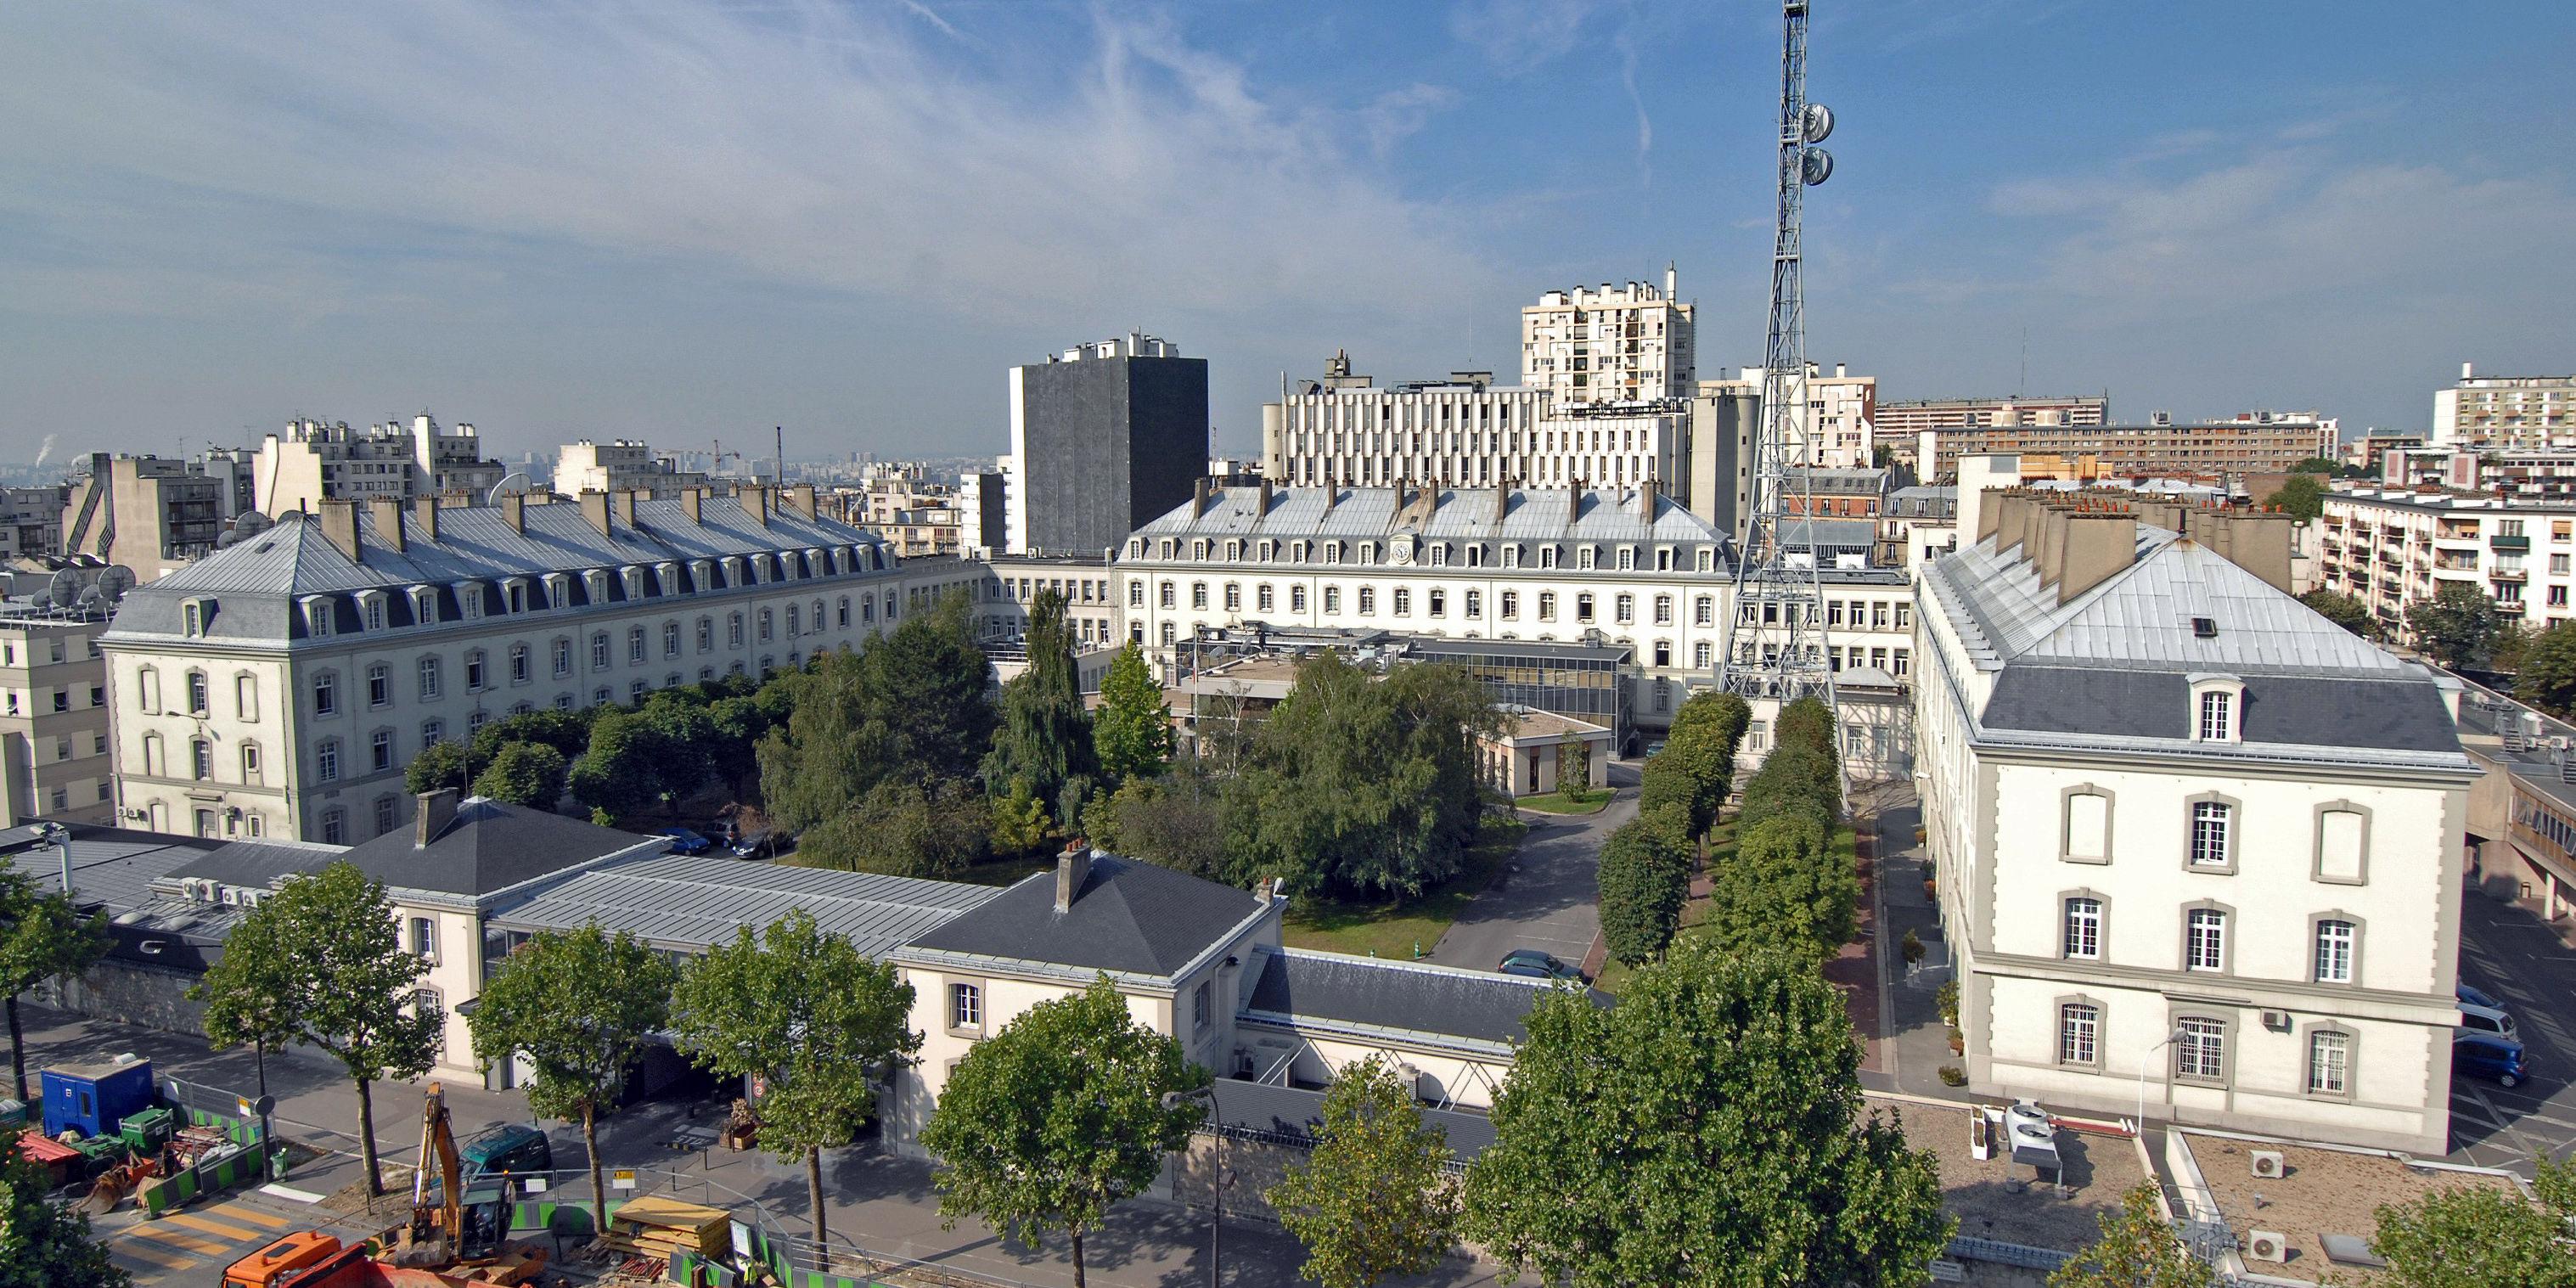 La sede ufficiale del DGSE, Direction générale de la sécurité extérieure, a Parigi